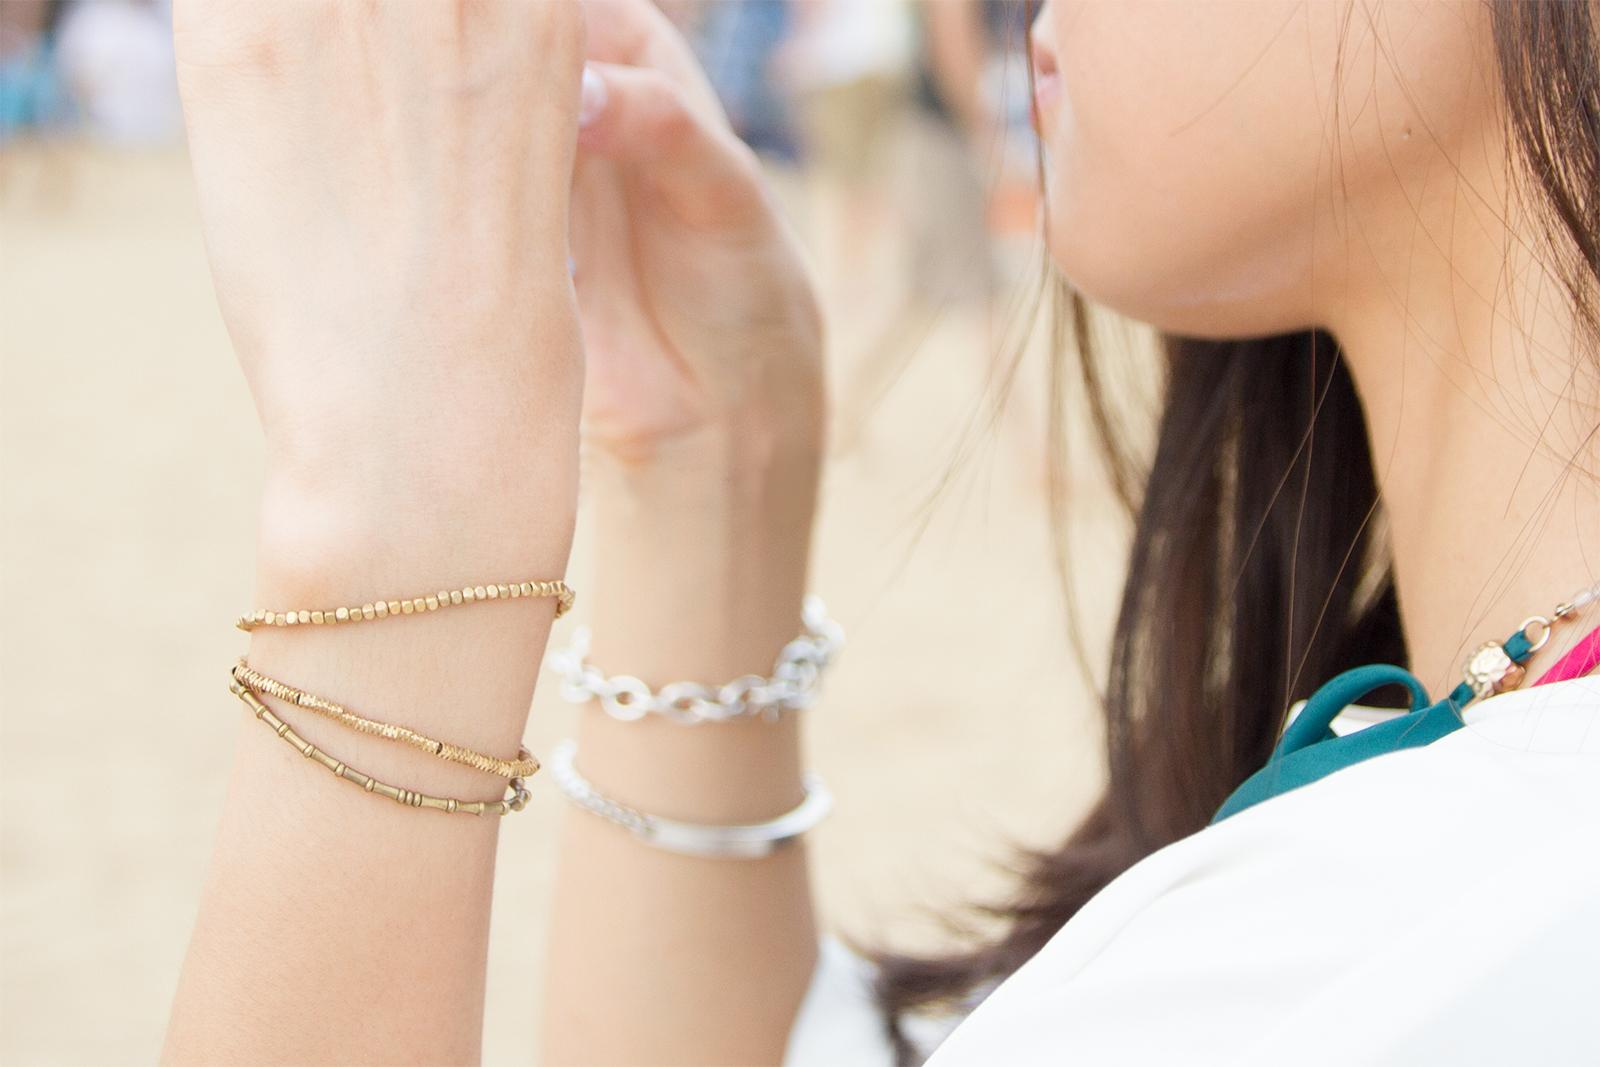 細緻又百搭的bit  love these bracelet I got from bit